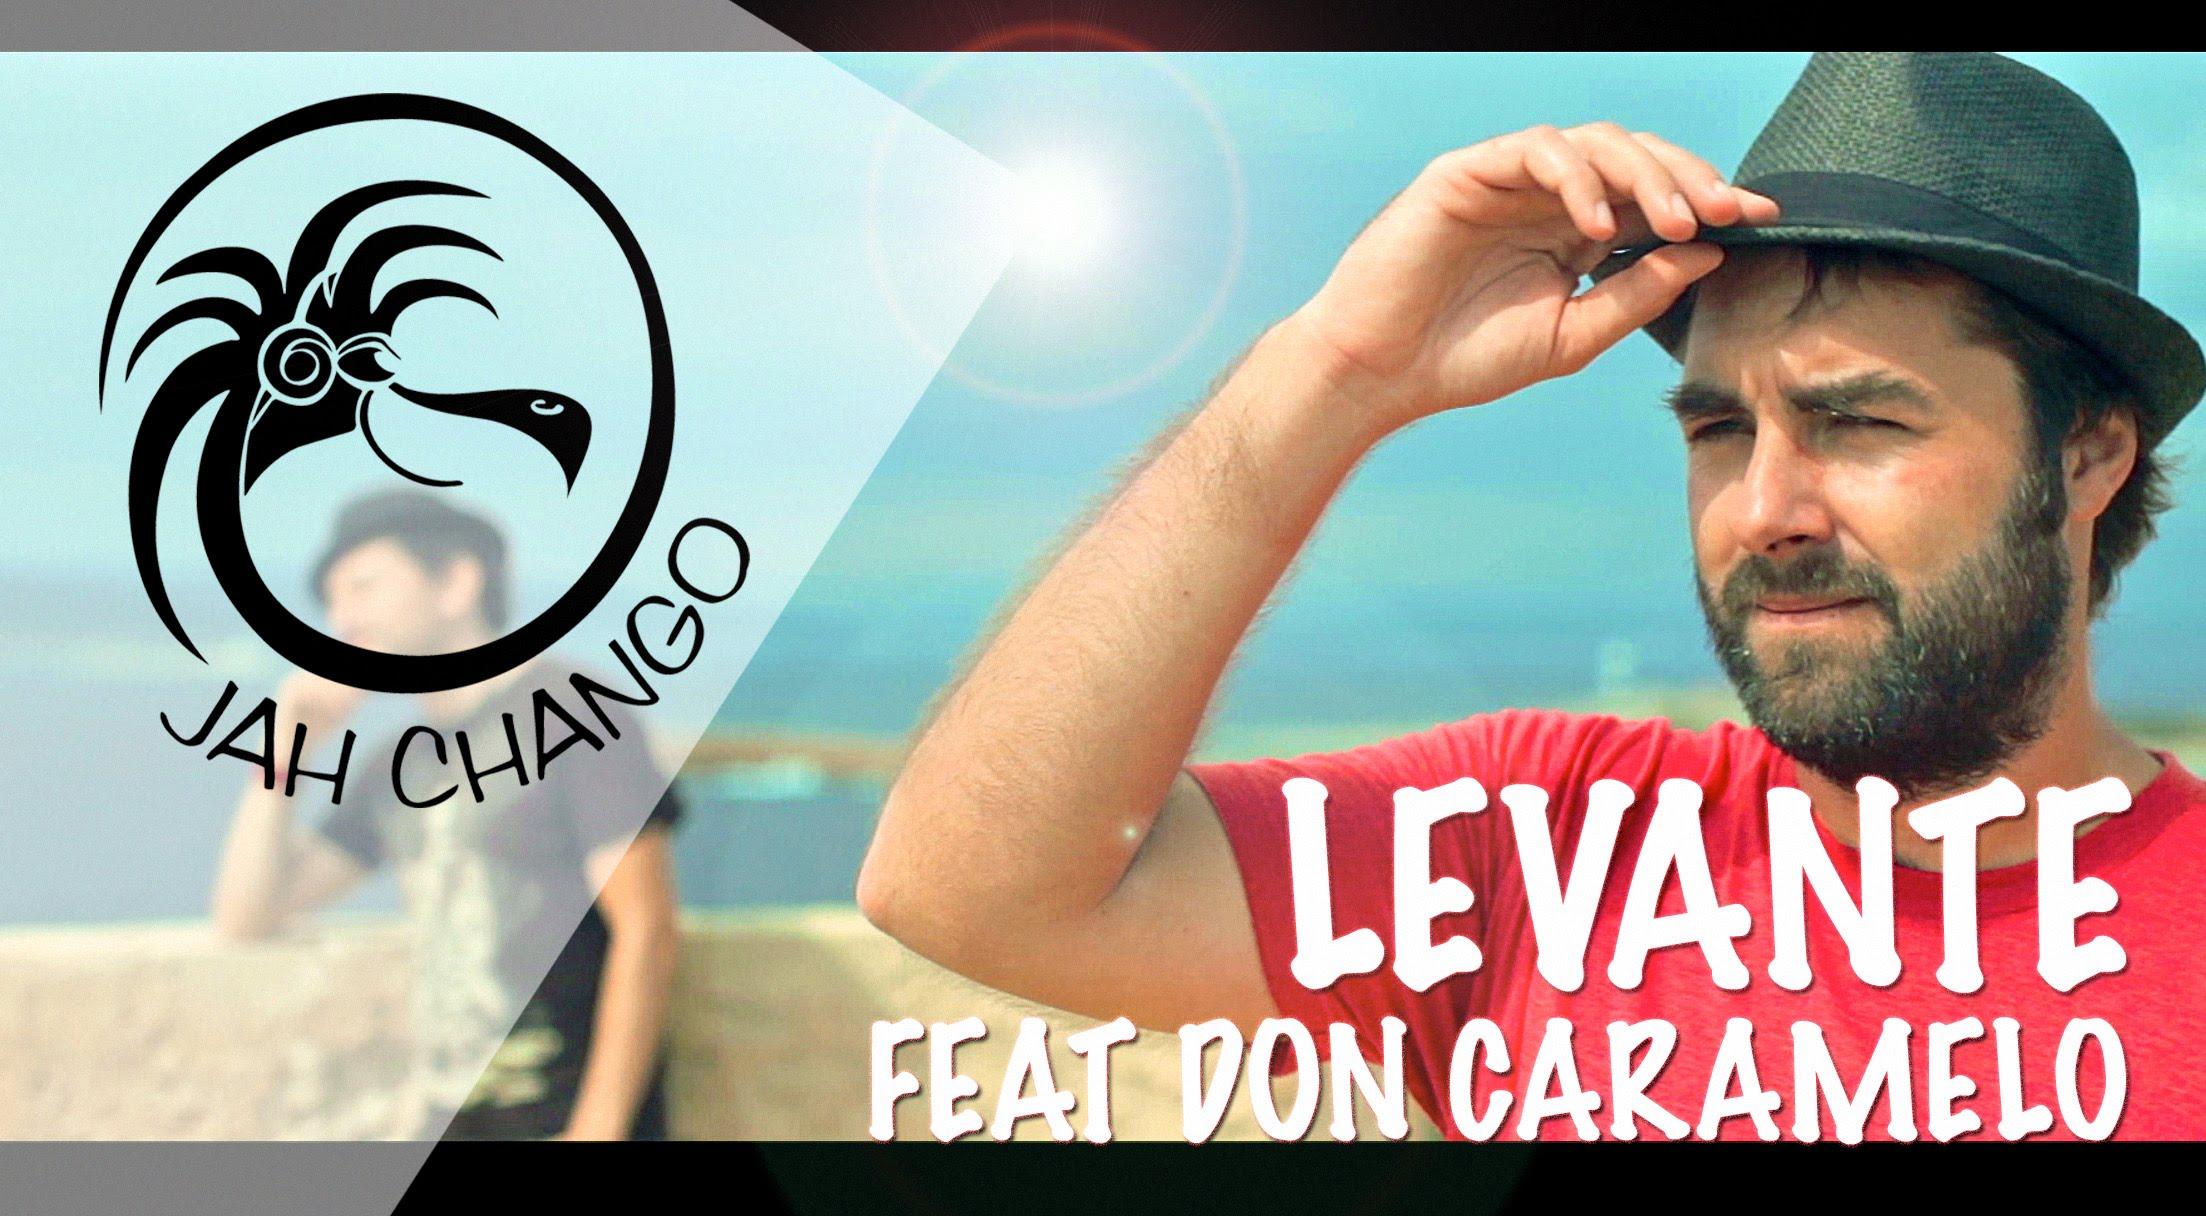 Jah Chango feat. Don Caramelo - Levante [6/9/2016]